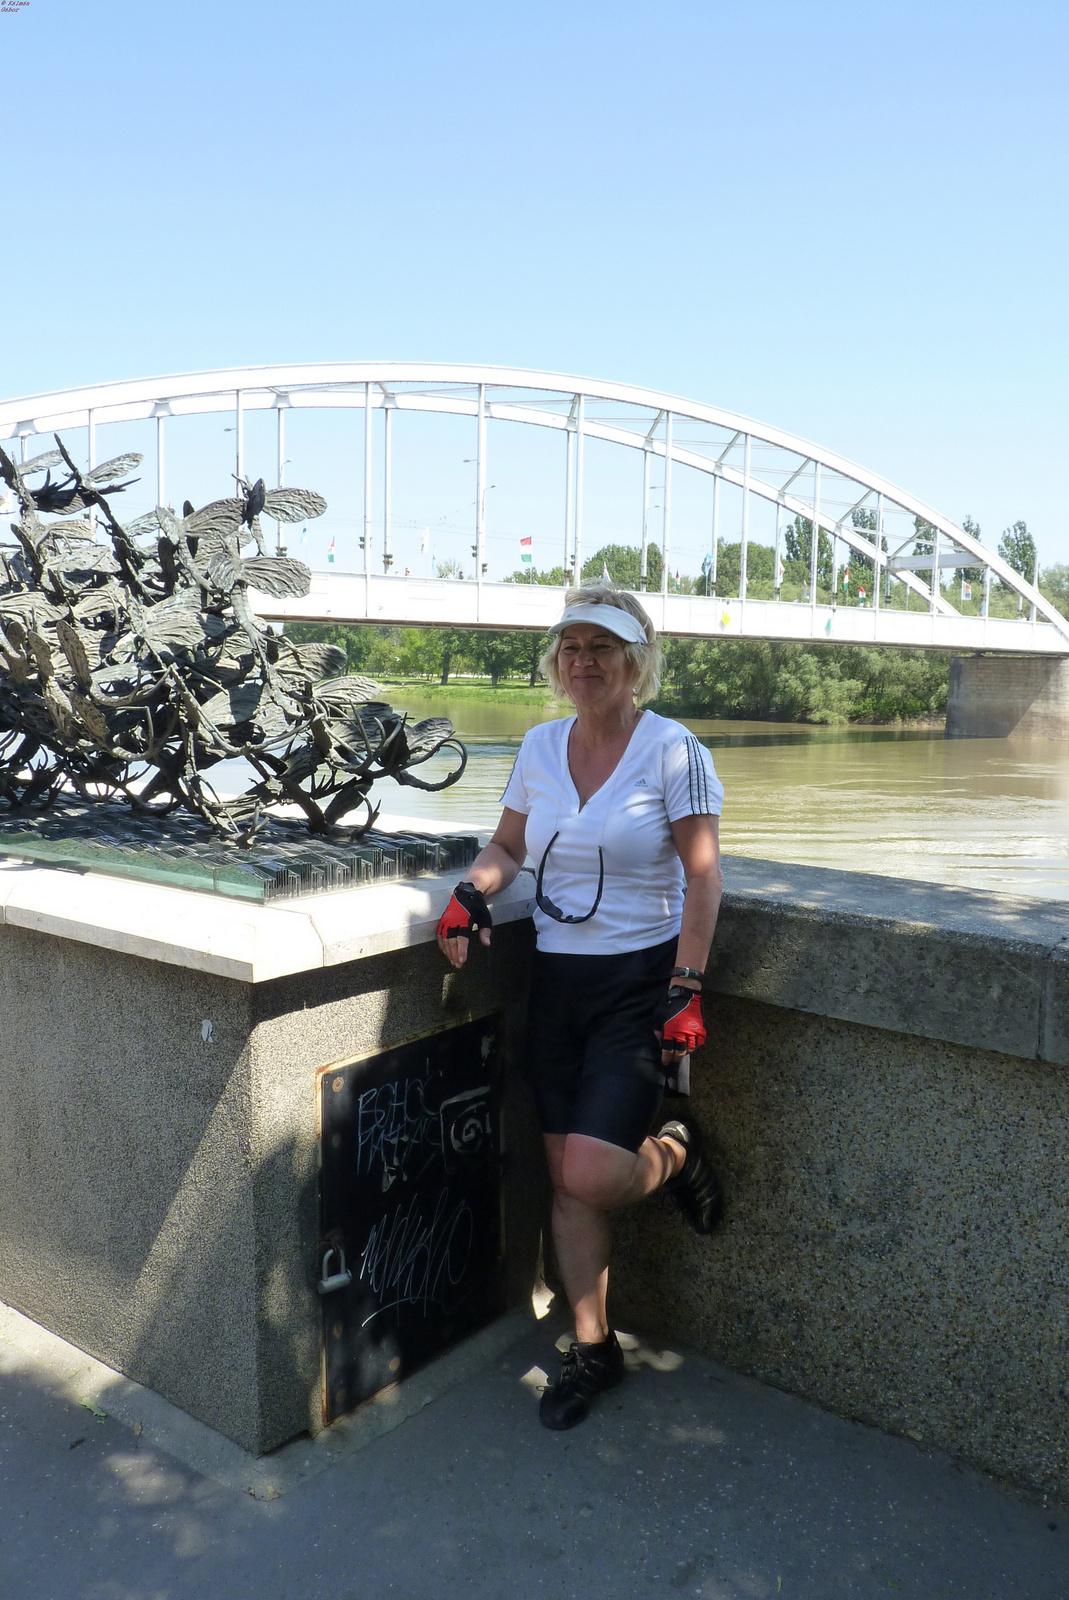 089-Szeged